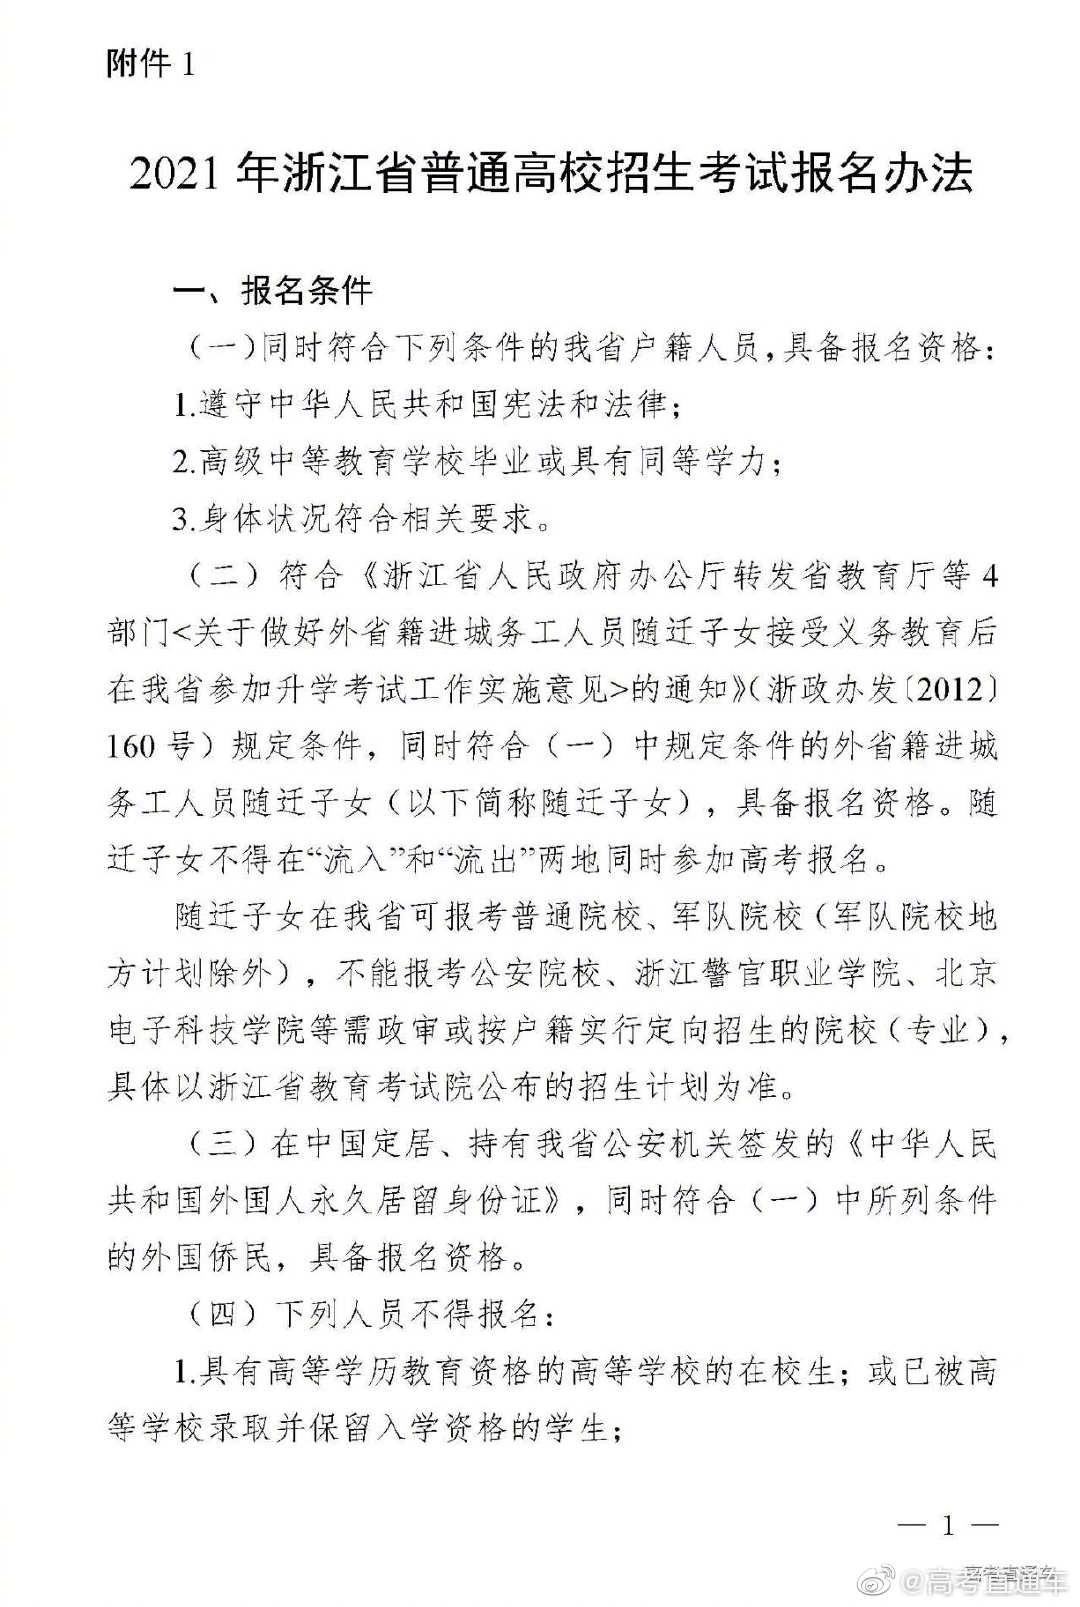 浙江2021年高考报名时间确定:时间为11月1日——10日